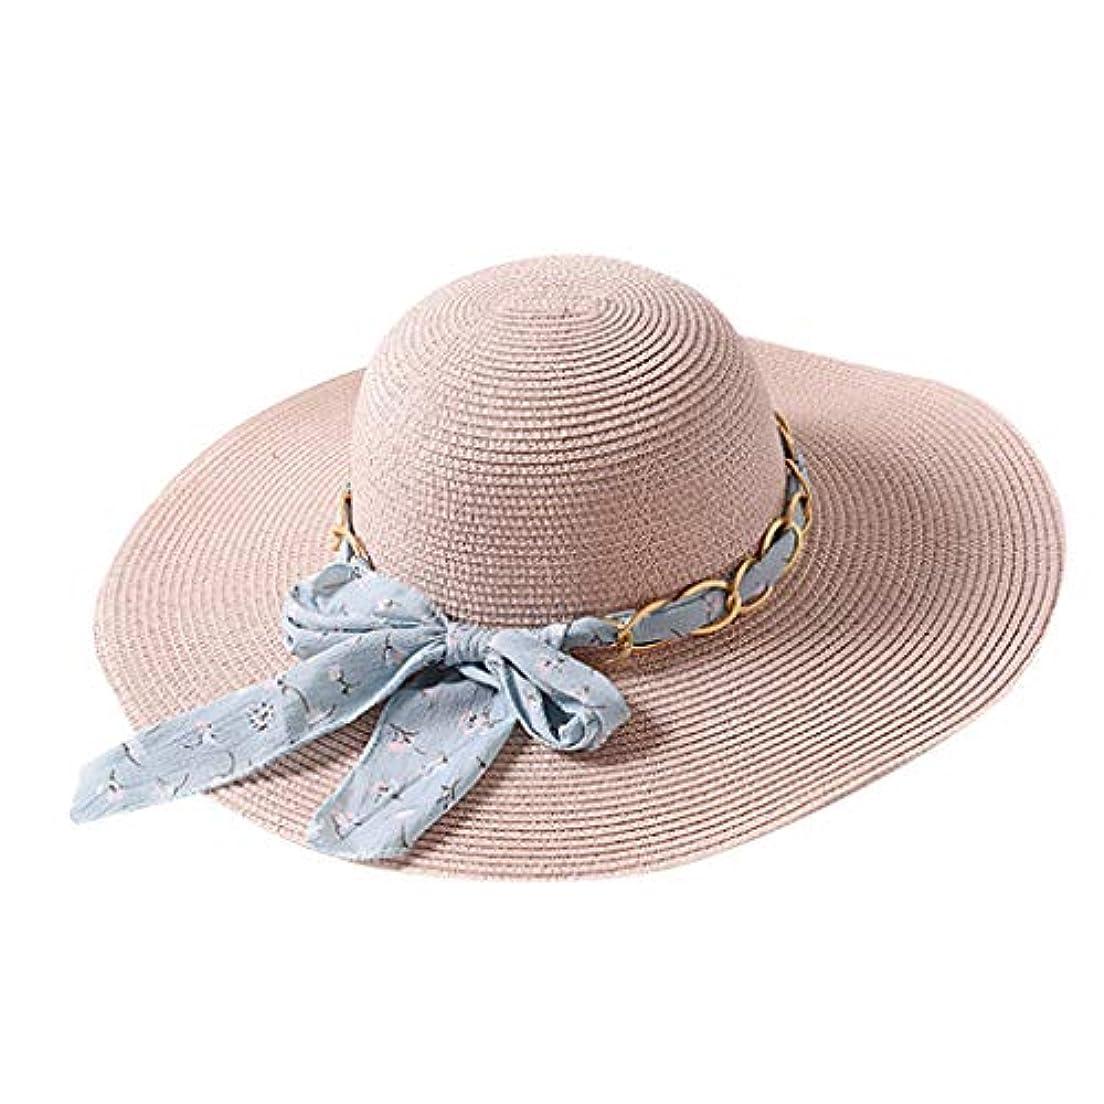 葡萄未接続タフファッション小物 夏 帽子 レディース UVカット 帽子 ハット レディース 紫外線対策 日焼け防止 取り外すあご紐 つば広 おしゃれ 可愛い 夏季 折りたたみ サイズ調節可 旅行 女優帽 小顔効果抜群 ROSE ROMAN